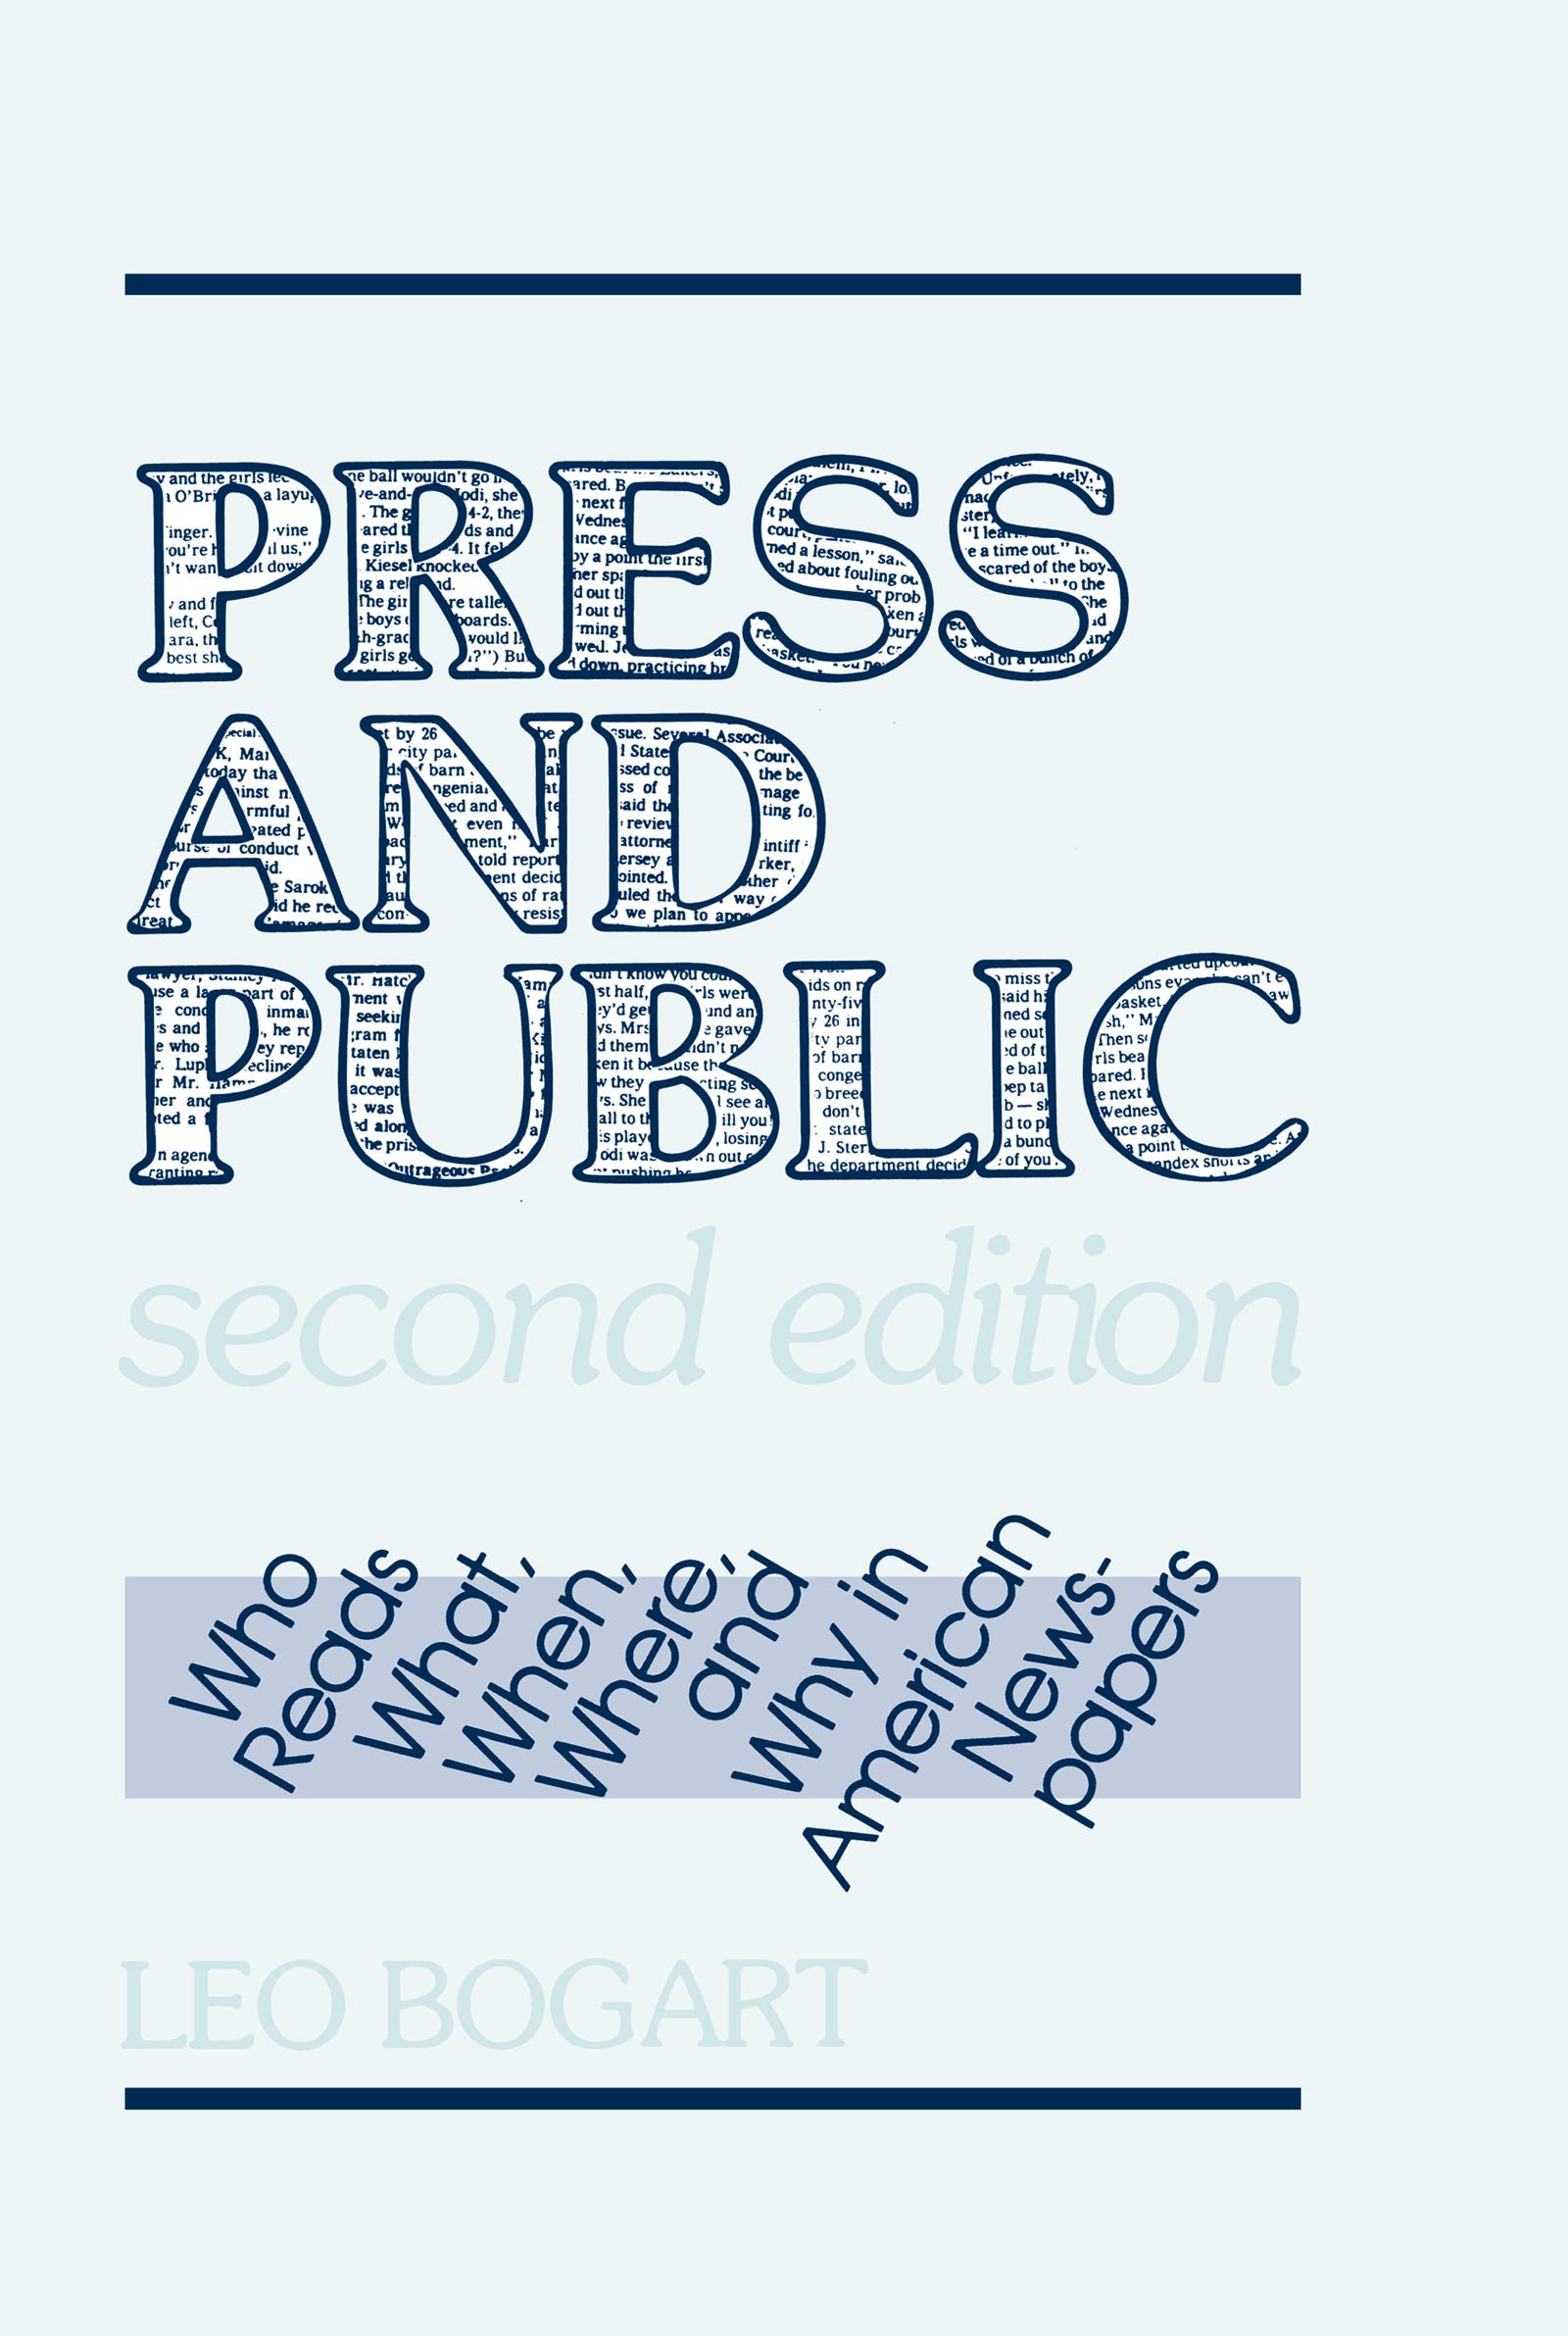 Press and Public